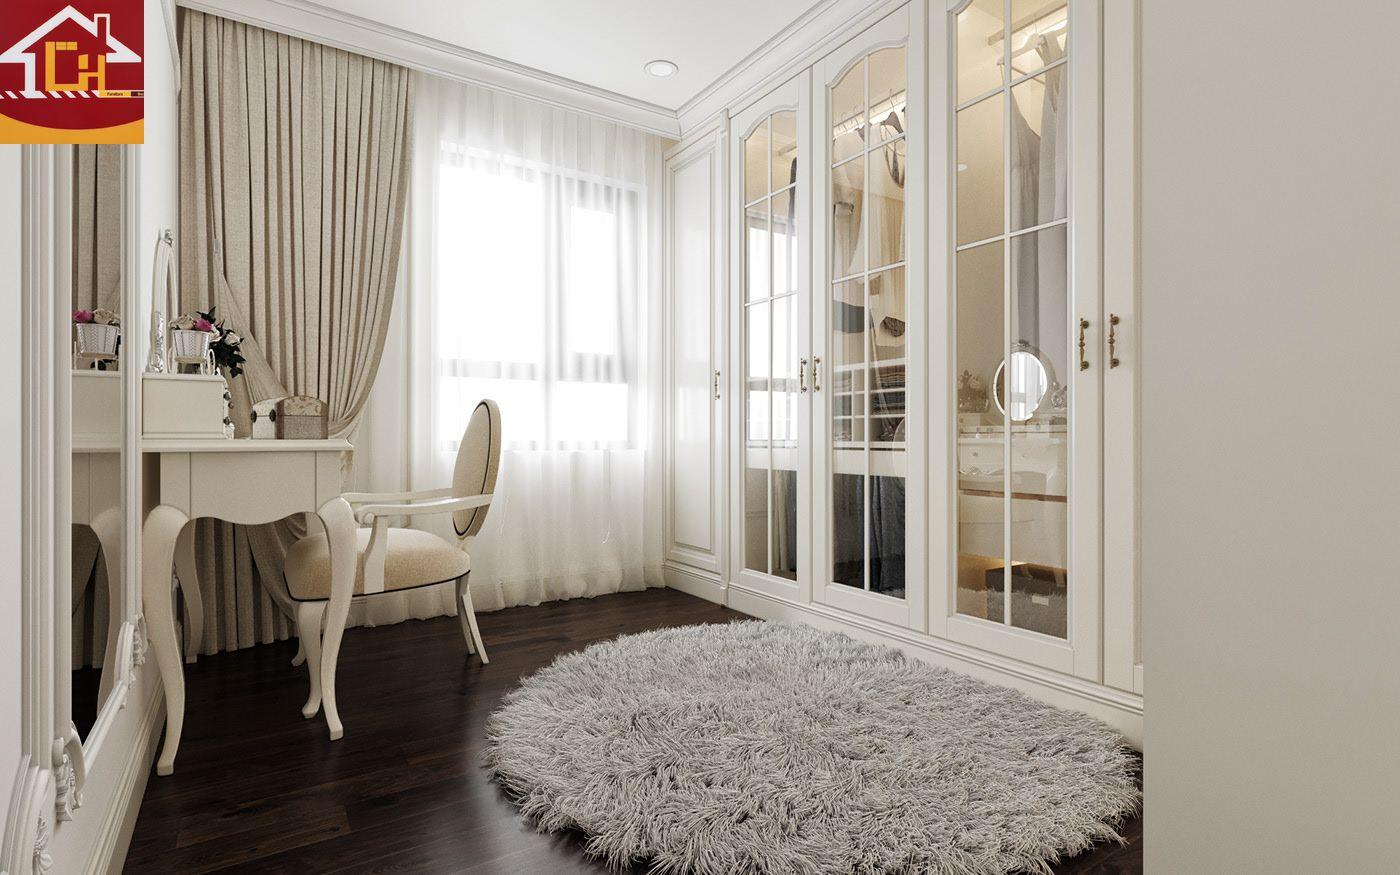 Thiết kế nội thất căn hộ 2 ngủ tại chung cư Vinhomes Symphony theo phong cách tân cổ điển